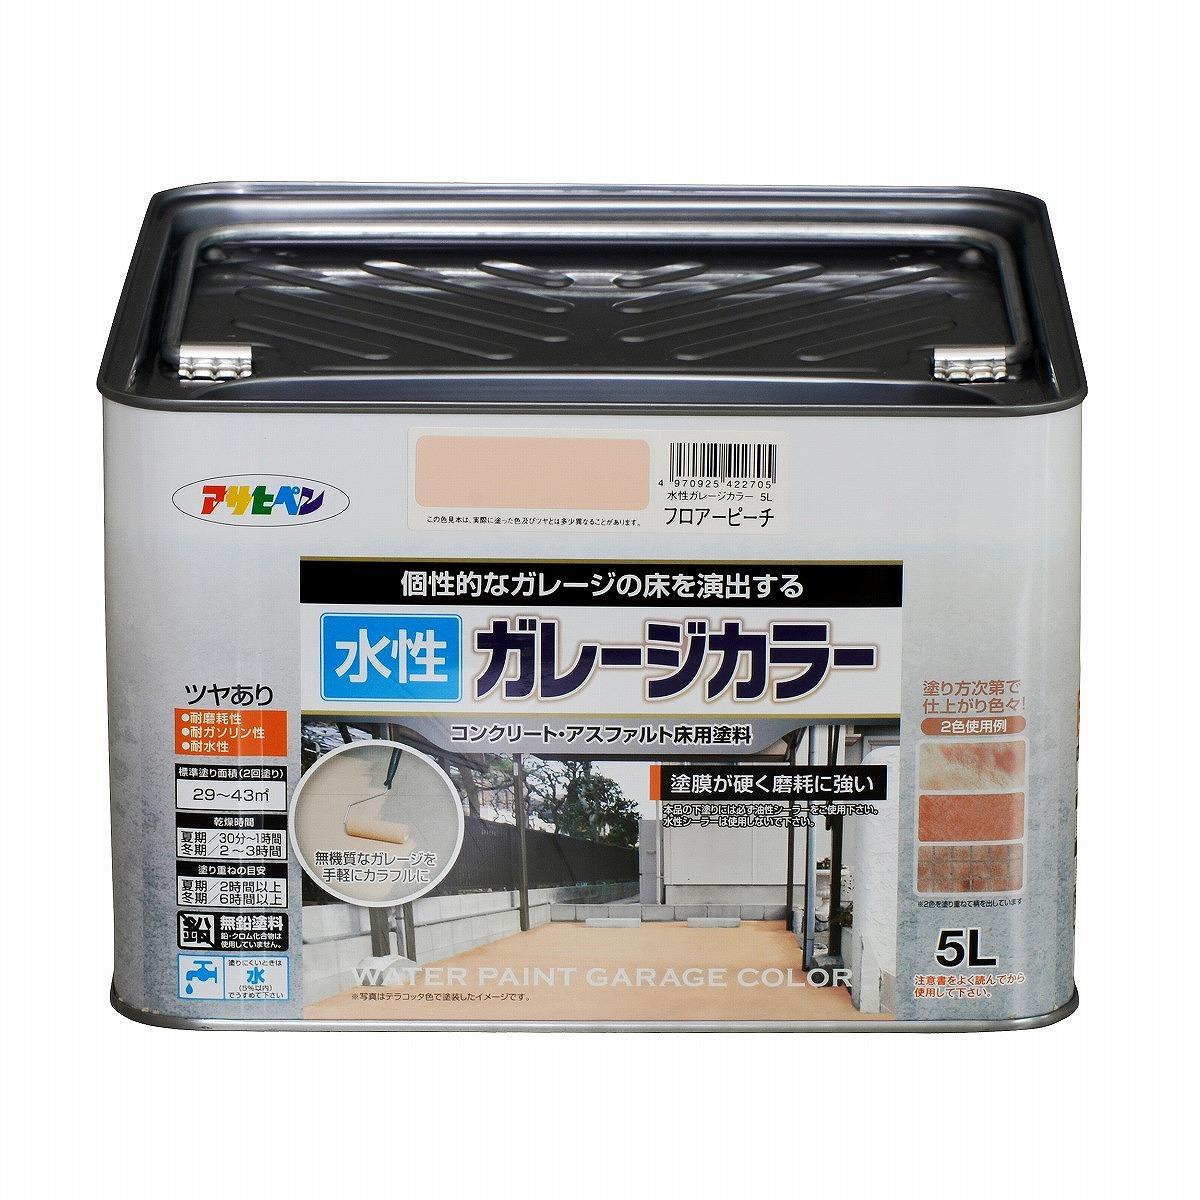 【あす楽対応・送料無料】アサヒペン水性ガレージカラー5Lフロアーピーチ